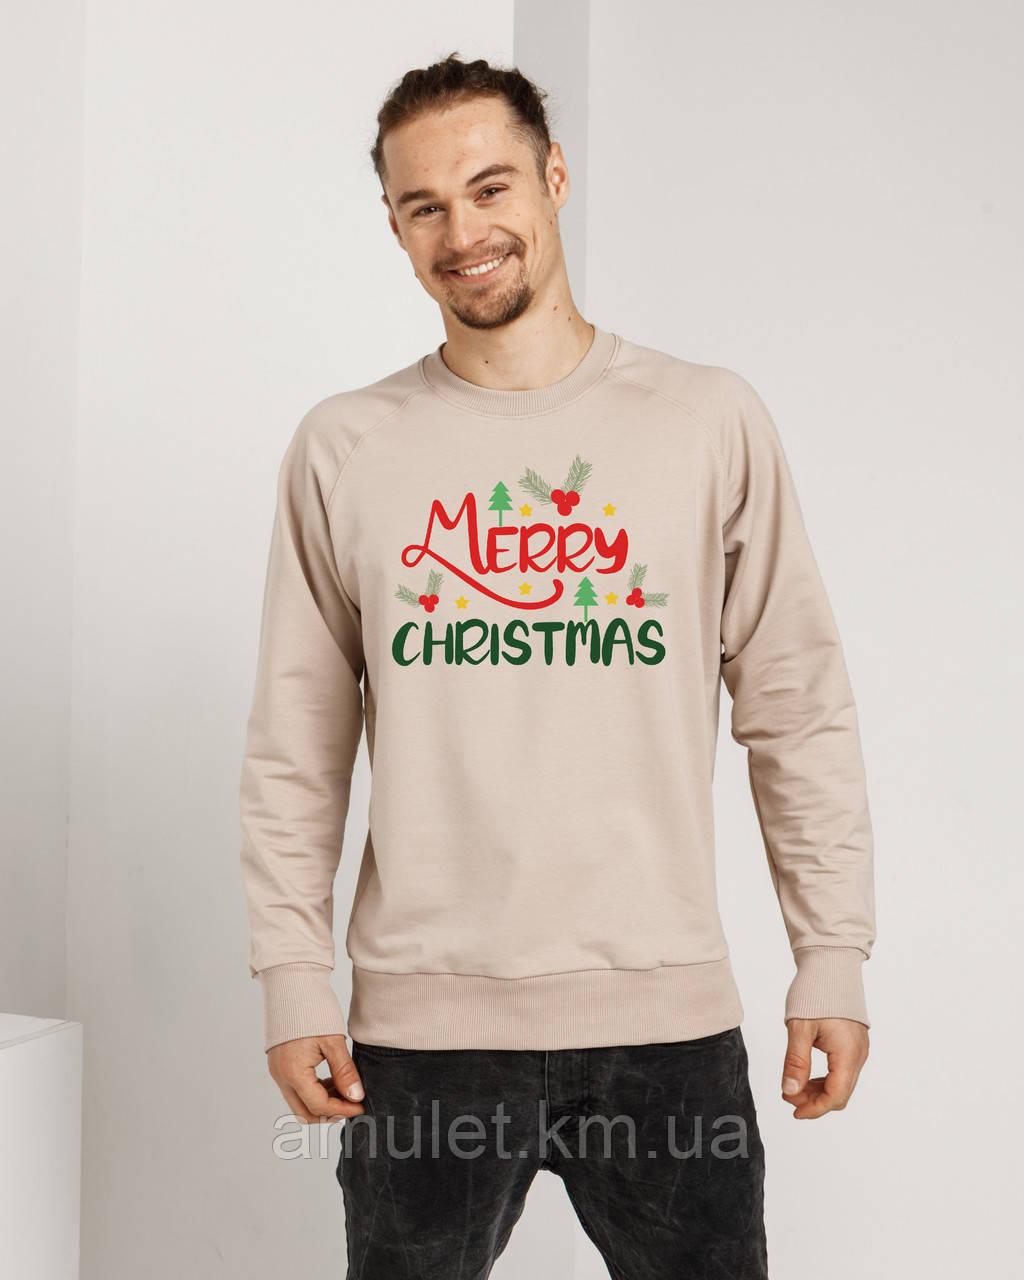 Світшот з модним принтом MERRY CHRISTMAS тканина двунітка S-3XL